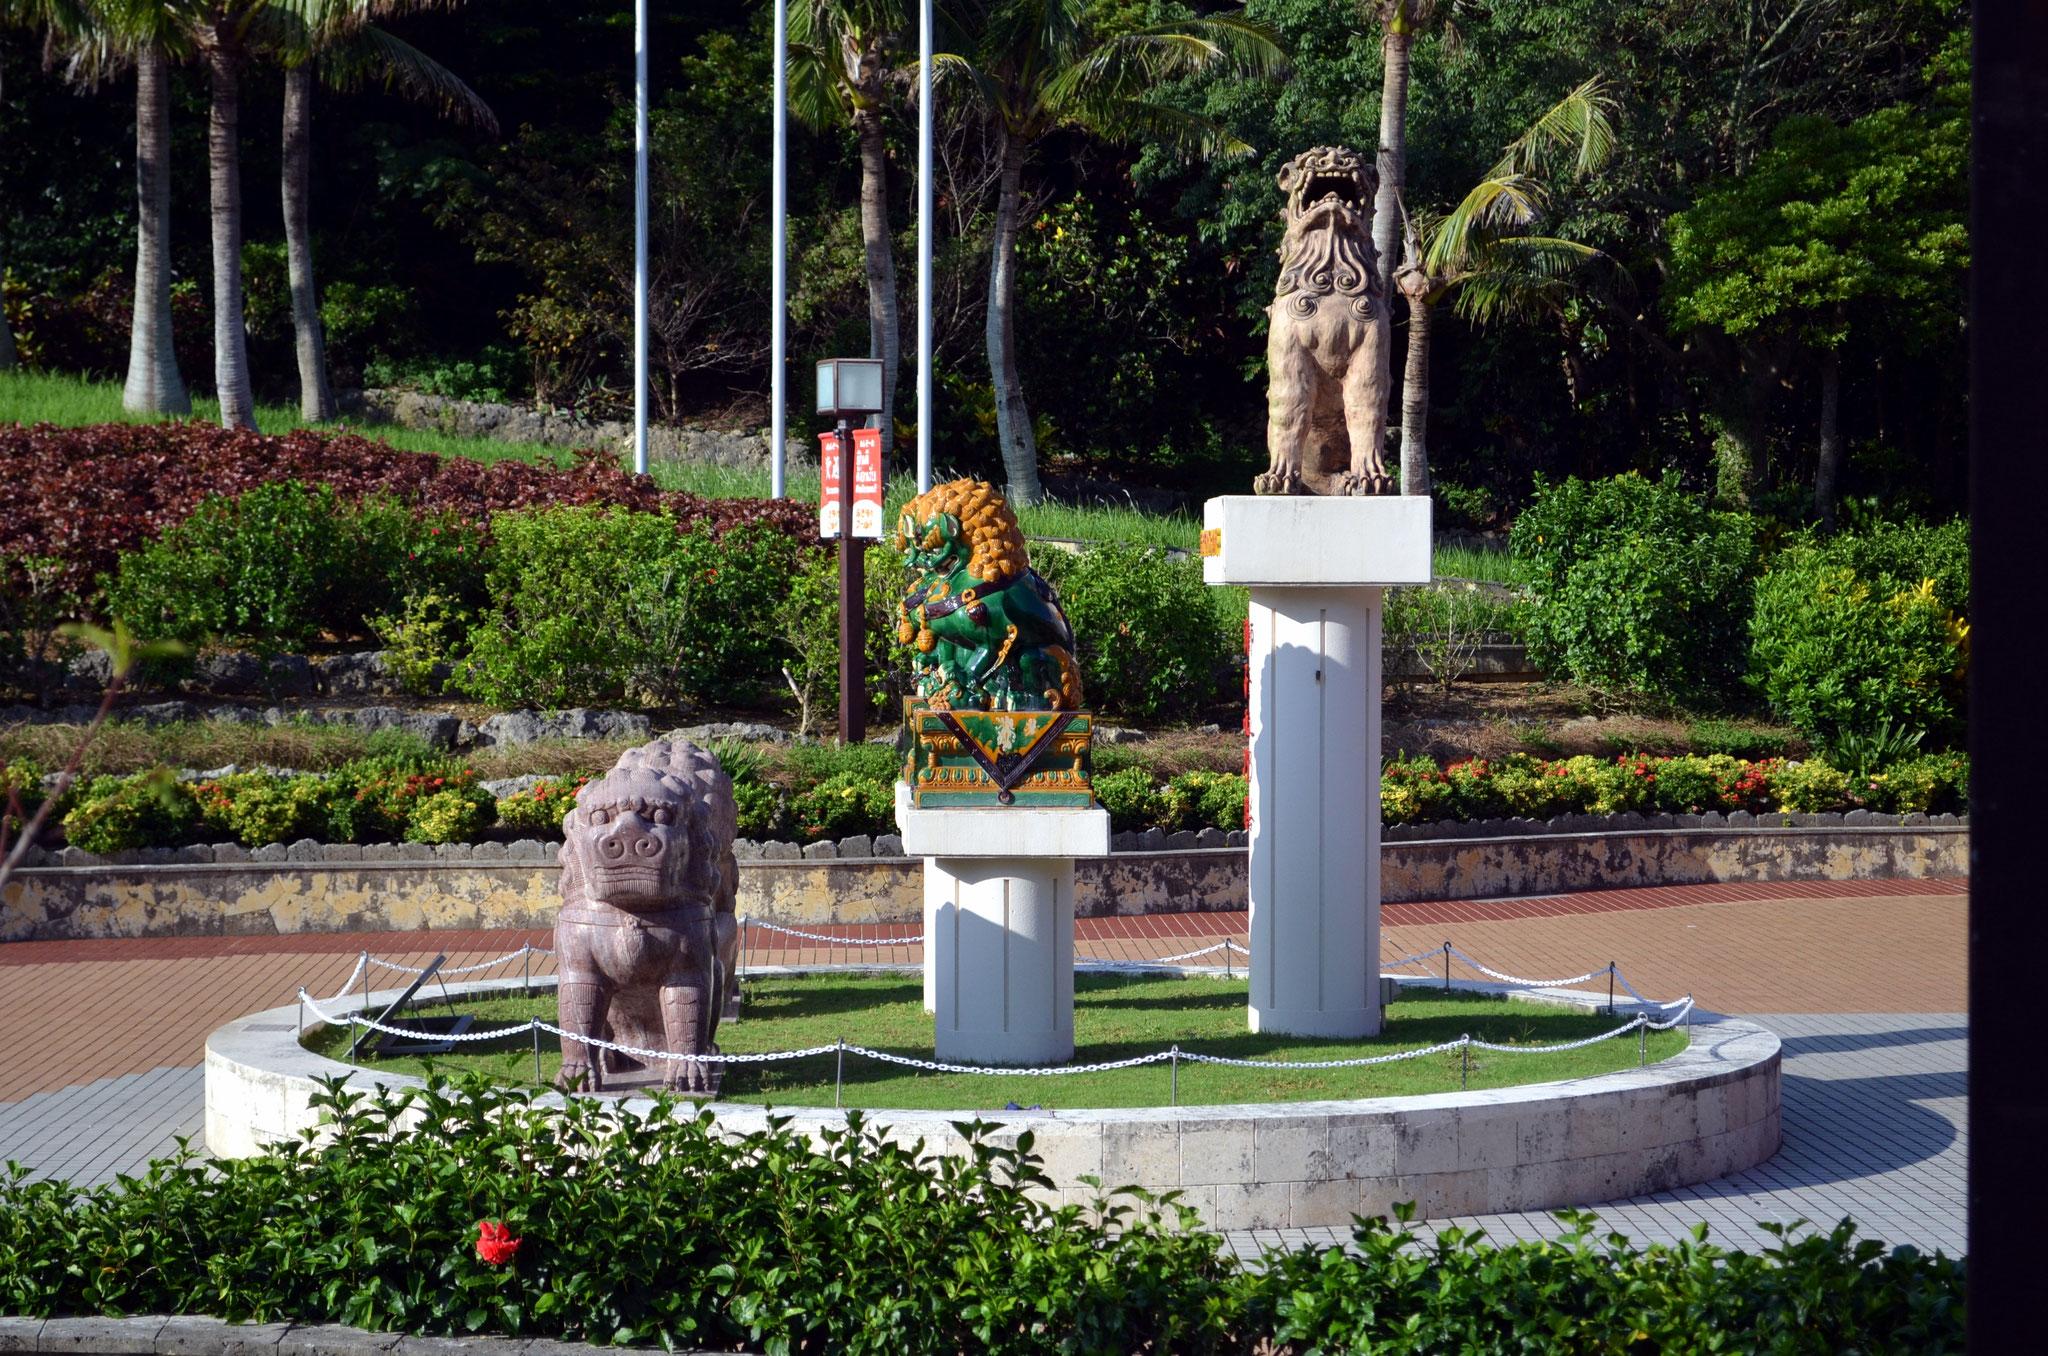 Okinawa World – Shisa am Eingang (Schutzzauber, die vor allen Übeln schützen sollen), finden sich überall in Okinawa